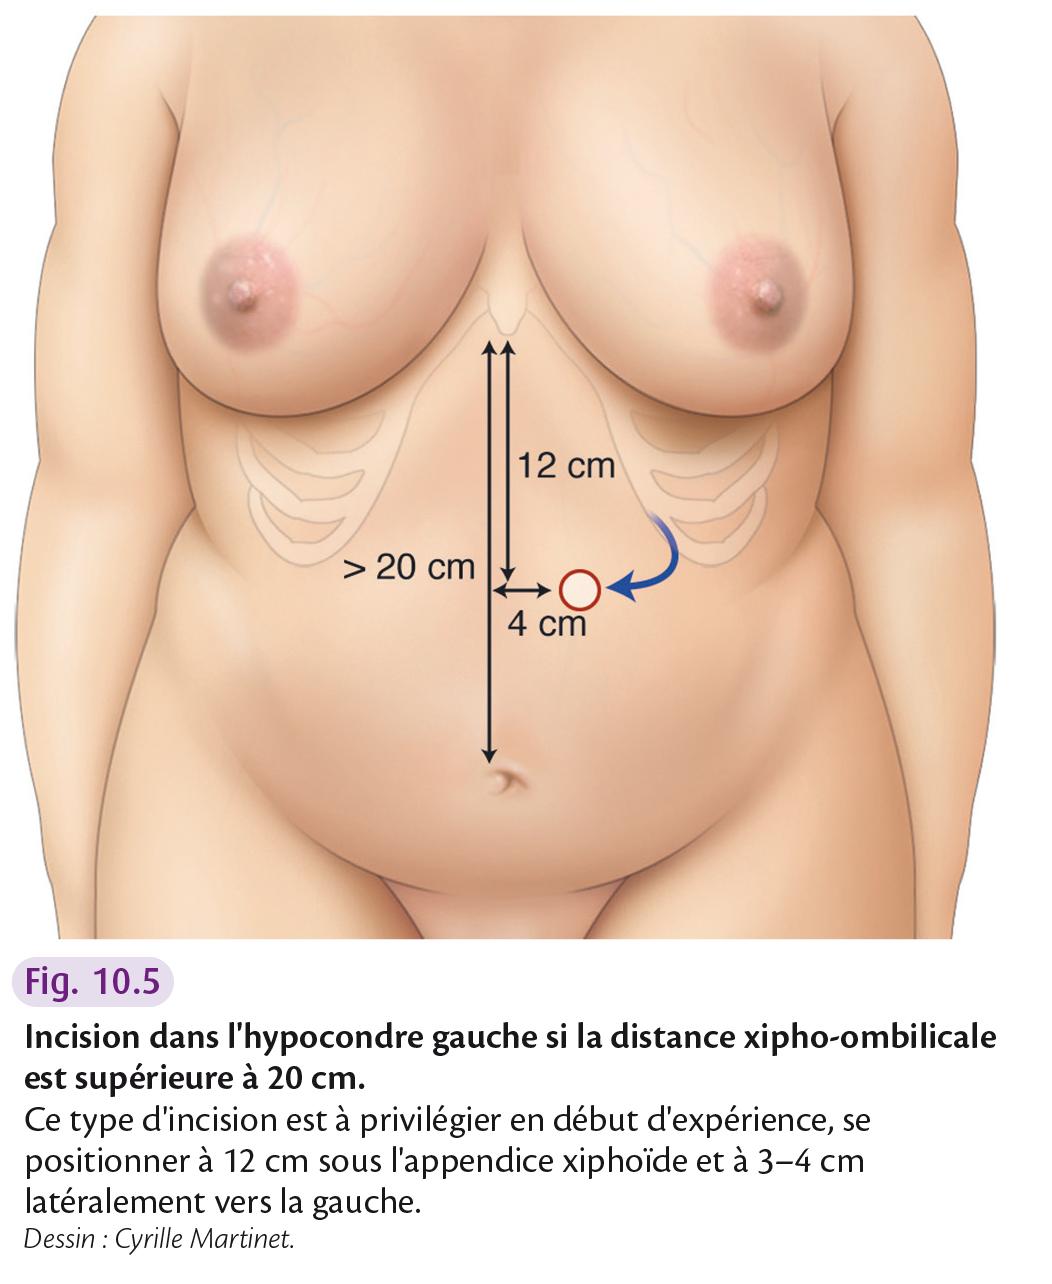 Incision dans l'hypocondre gauche si la distance xipho-ombilicale est supérieure à 20 cm.